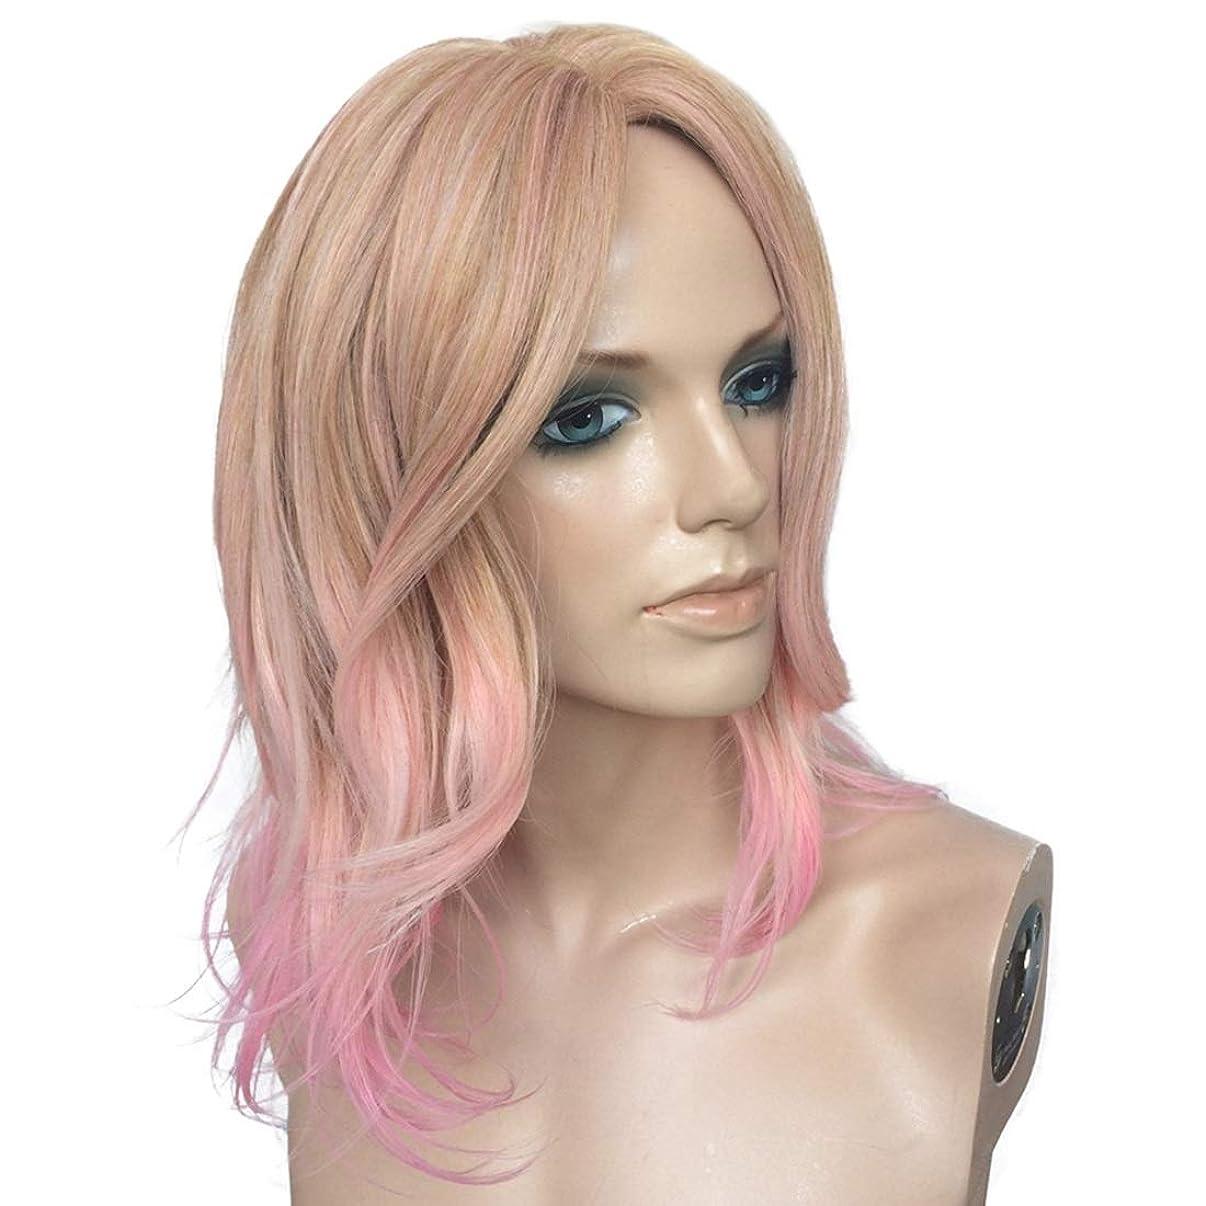 ウェーハ抗議Koloeplf ミックスカラーマイクロロールピンクミディアムロングオベリスクバングウィッグファッションヨーロッパとアメリカのウィッグ (Color : Mixed color pink)